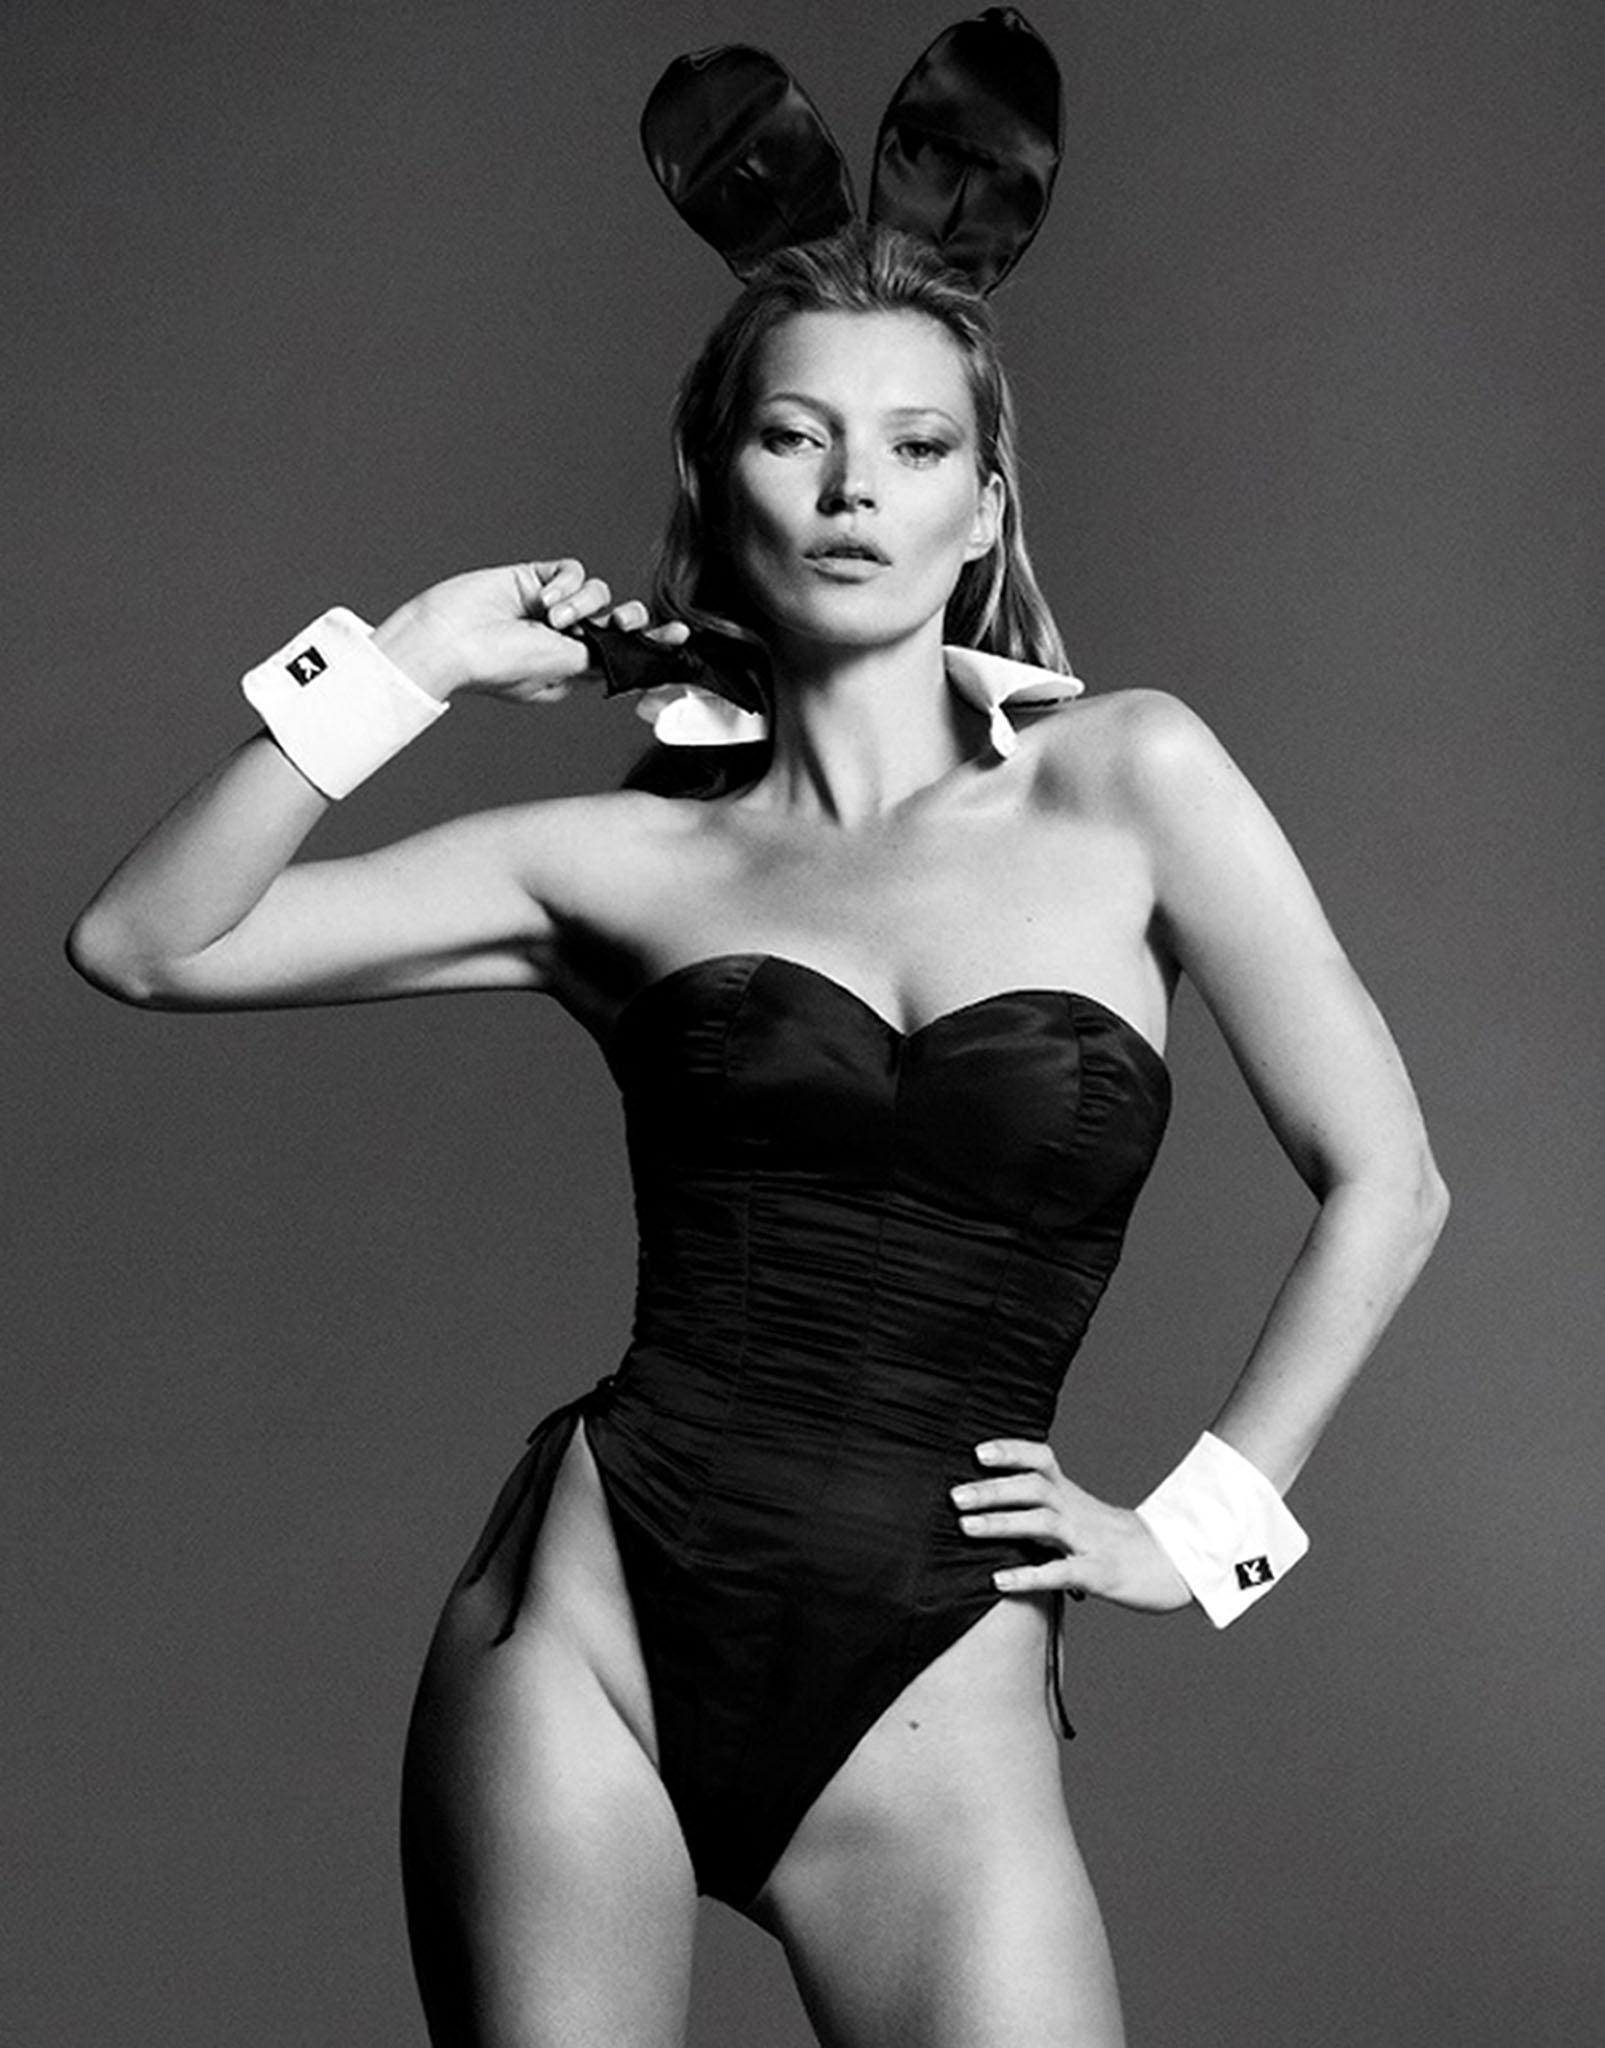 Кейт Мосс на обложке Playboy в классическом костюме кролика